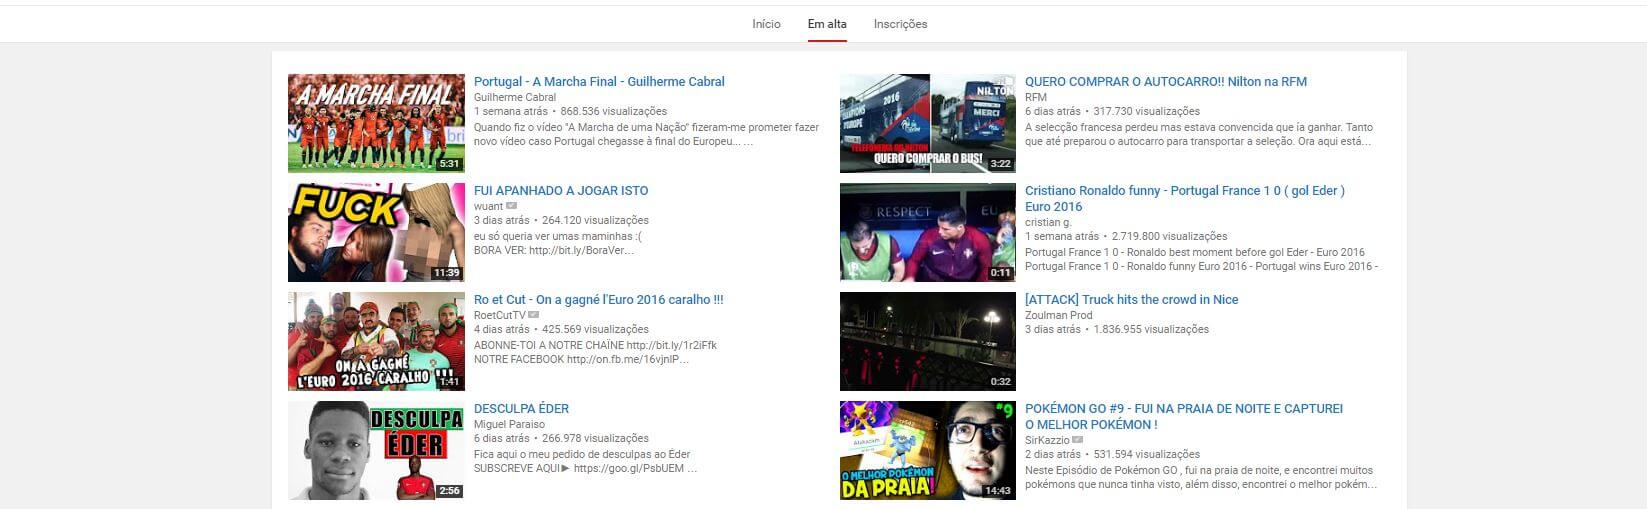 youtube-em-alta